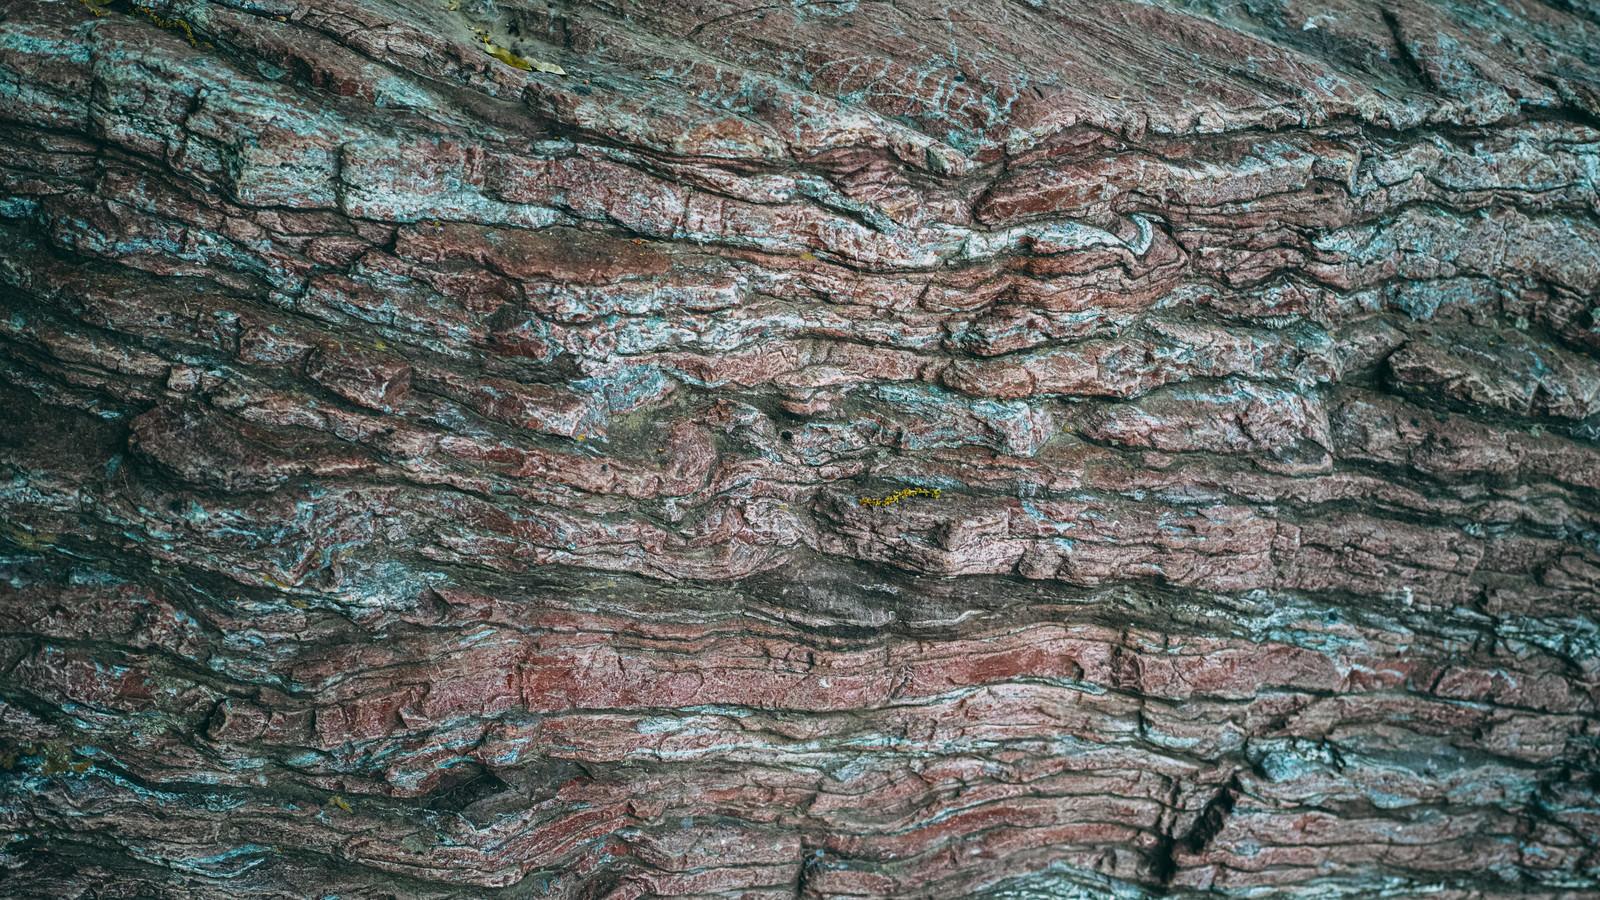 「赤と白のグラデーションがある一枚岩」の写真